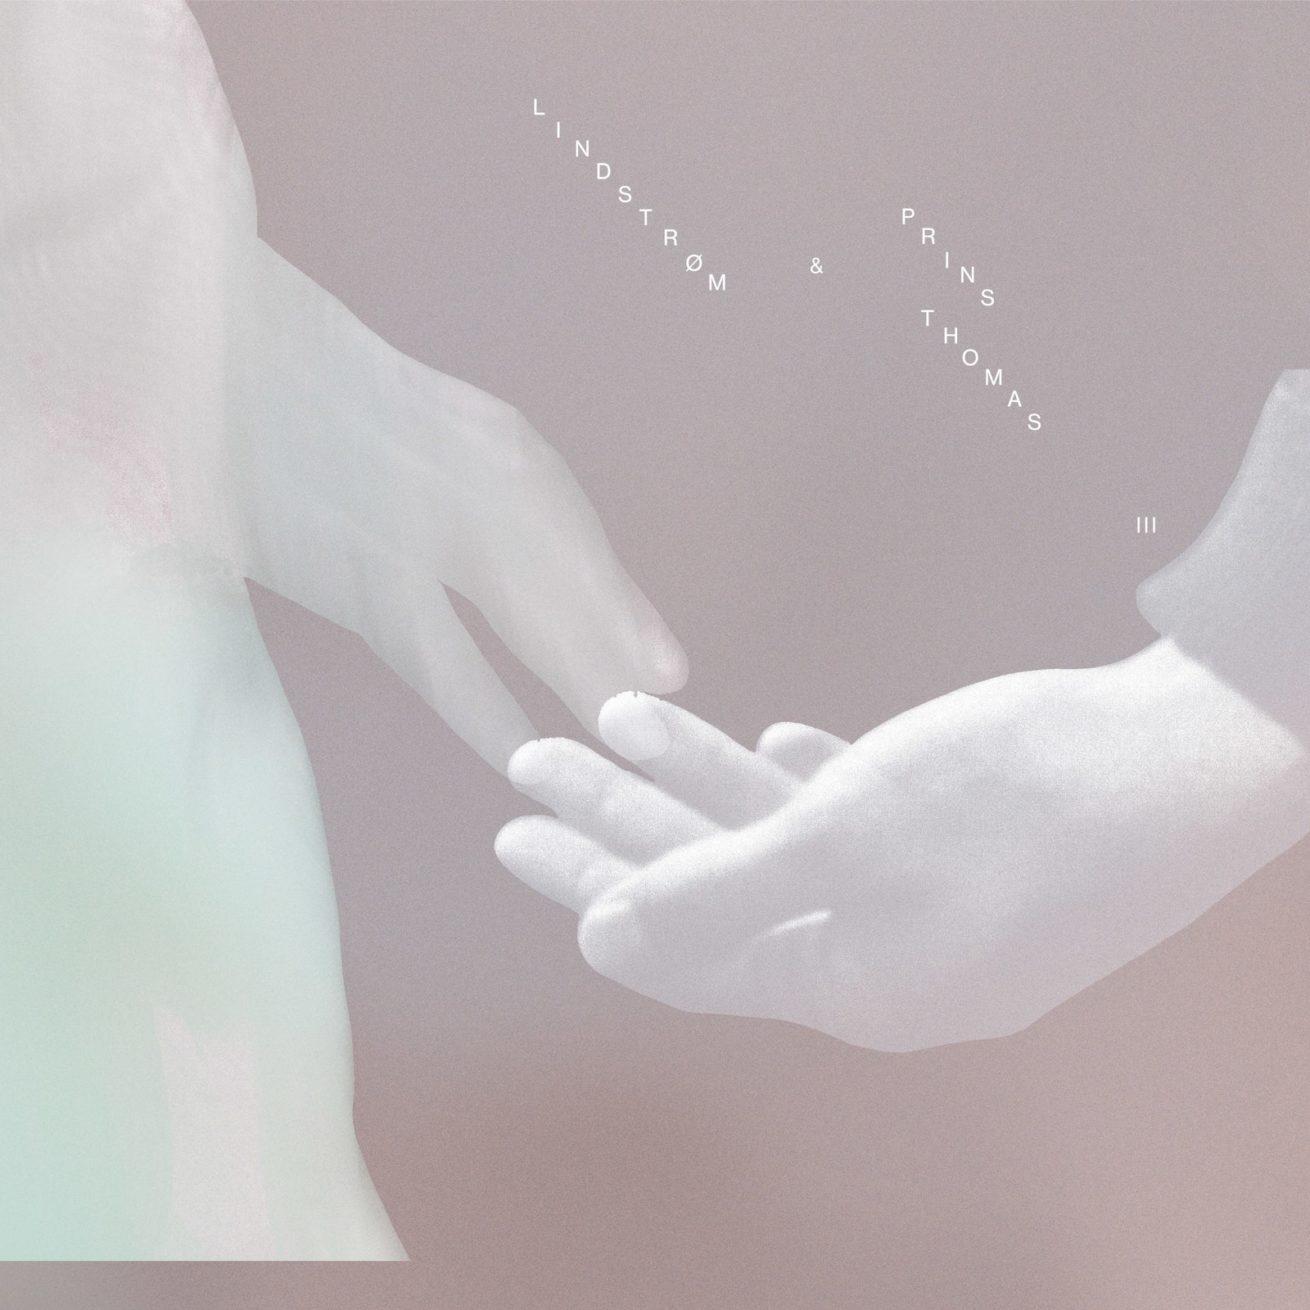 lindstrøm ve prins thomas, ortaklıklarının üçüncü albümünü duyurdu